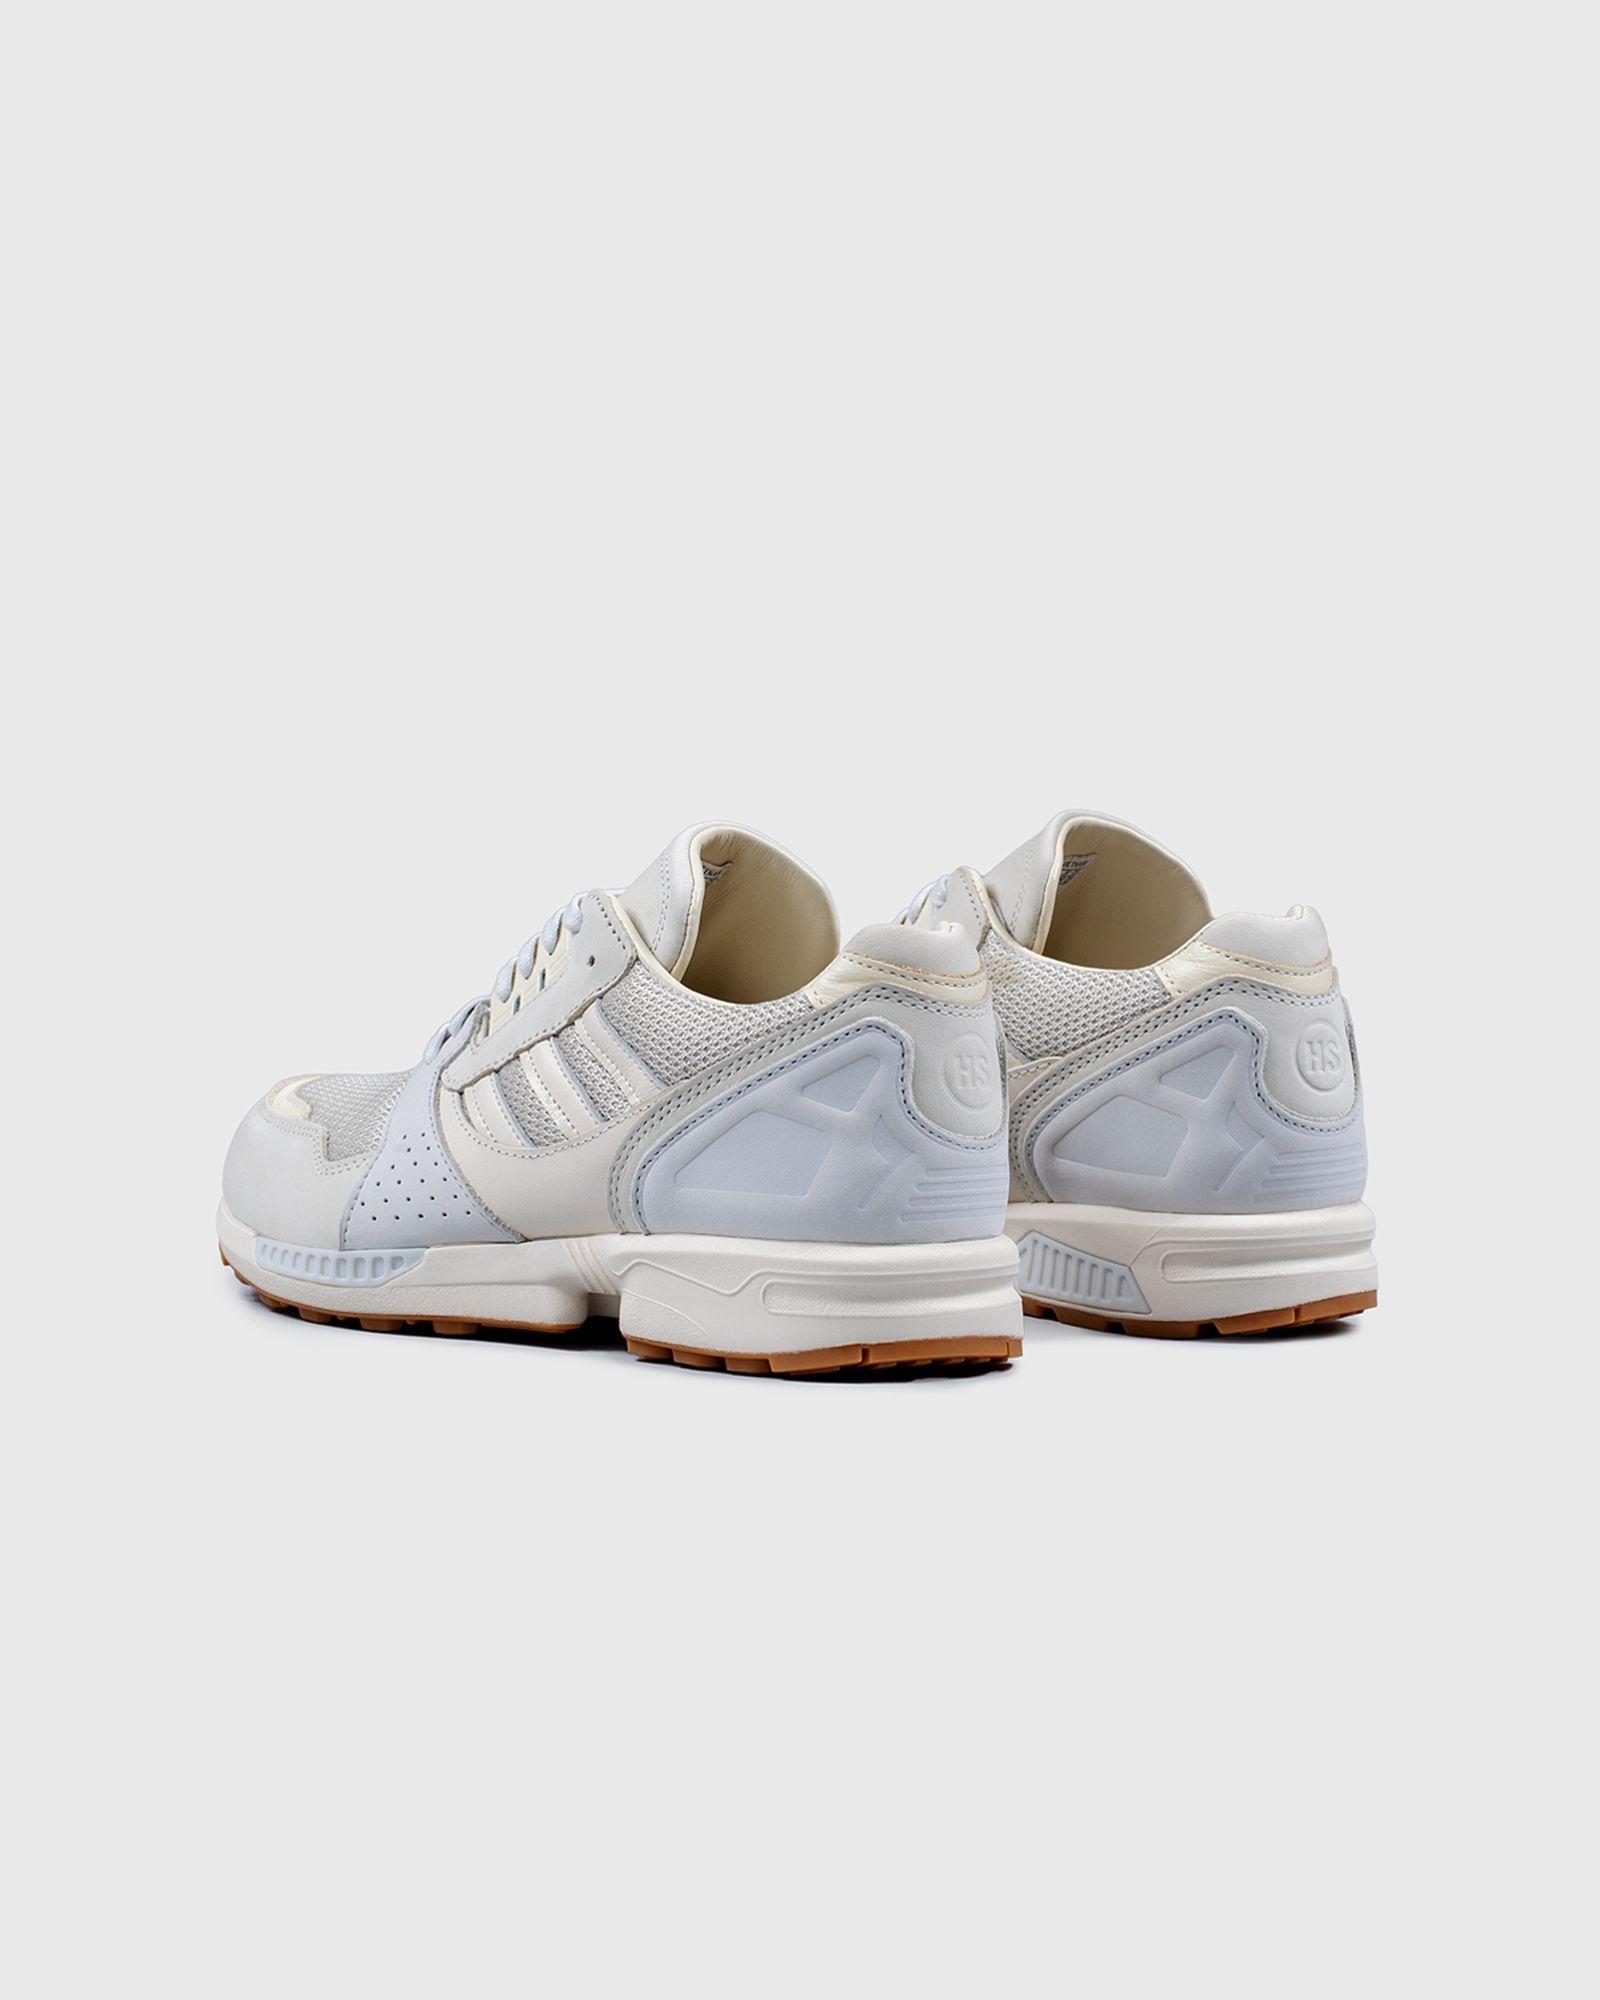 highsnobiety-adidas-originals-zx-8000-release-date-price-02